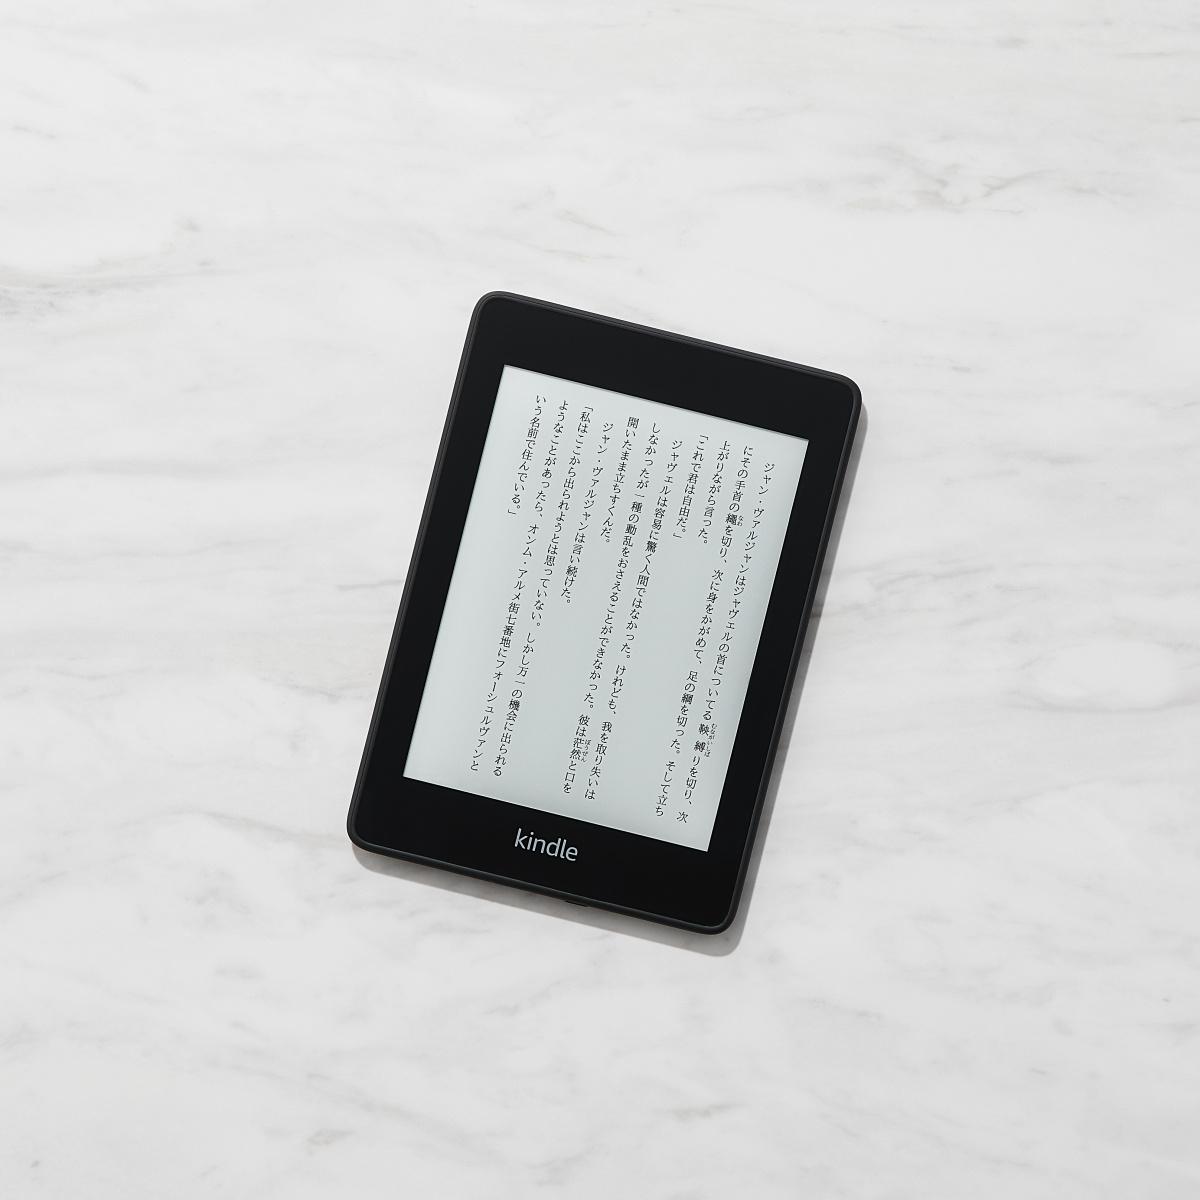 読書をより快適にする、紙のように読みやすい電子書籍リーダー